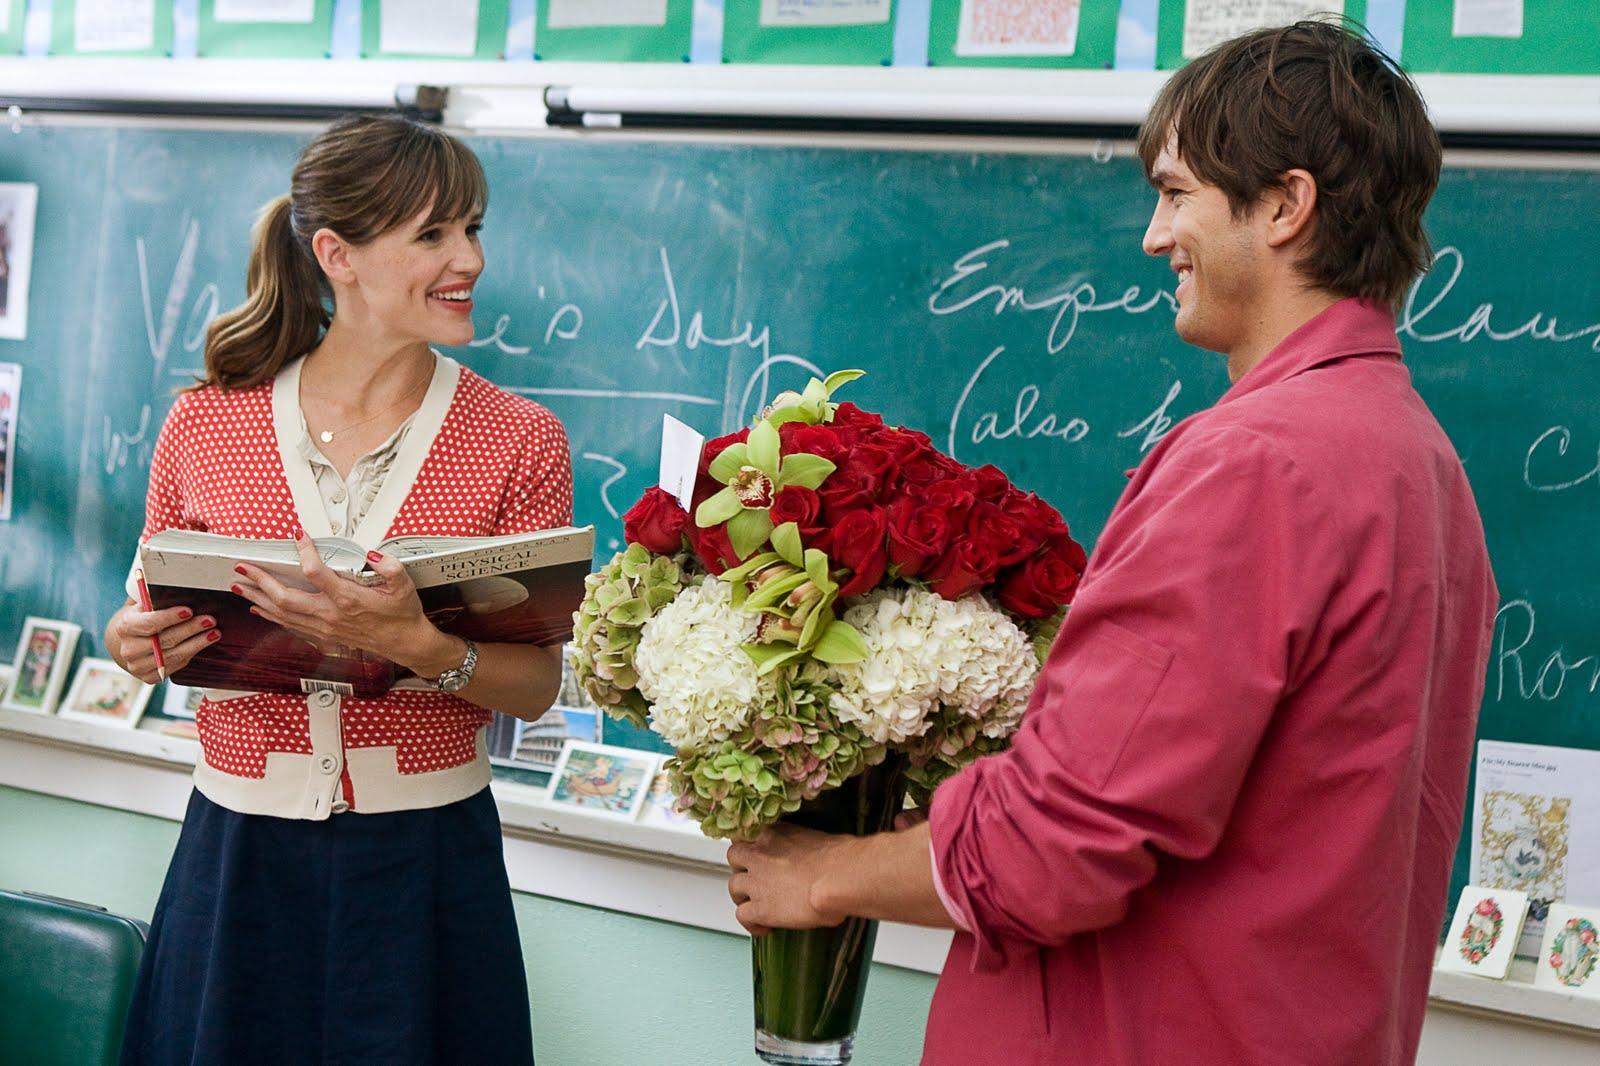 http://1.bp.blogspot.com/_cHtQrCxWVWQ/TFLsVqfqGWI/AAAAAAAAGjM/qnsmm4LkSKE/s1600/Valentines-Day-Movie-stills-valentines-day-2010-9358656-2560-1706.jpg